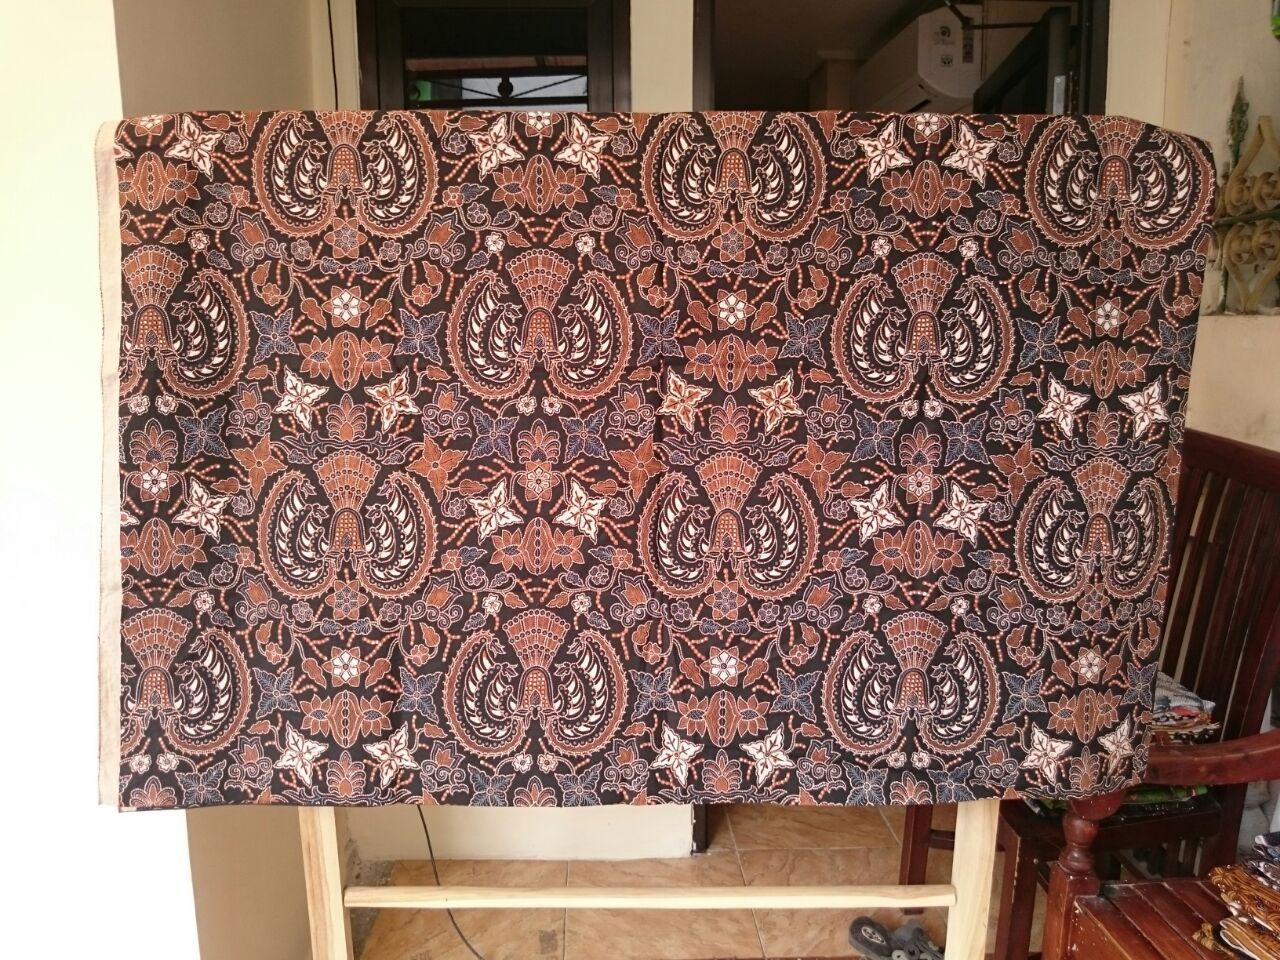 Kain batik Indonesia budaya asli yang masih lestari